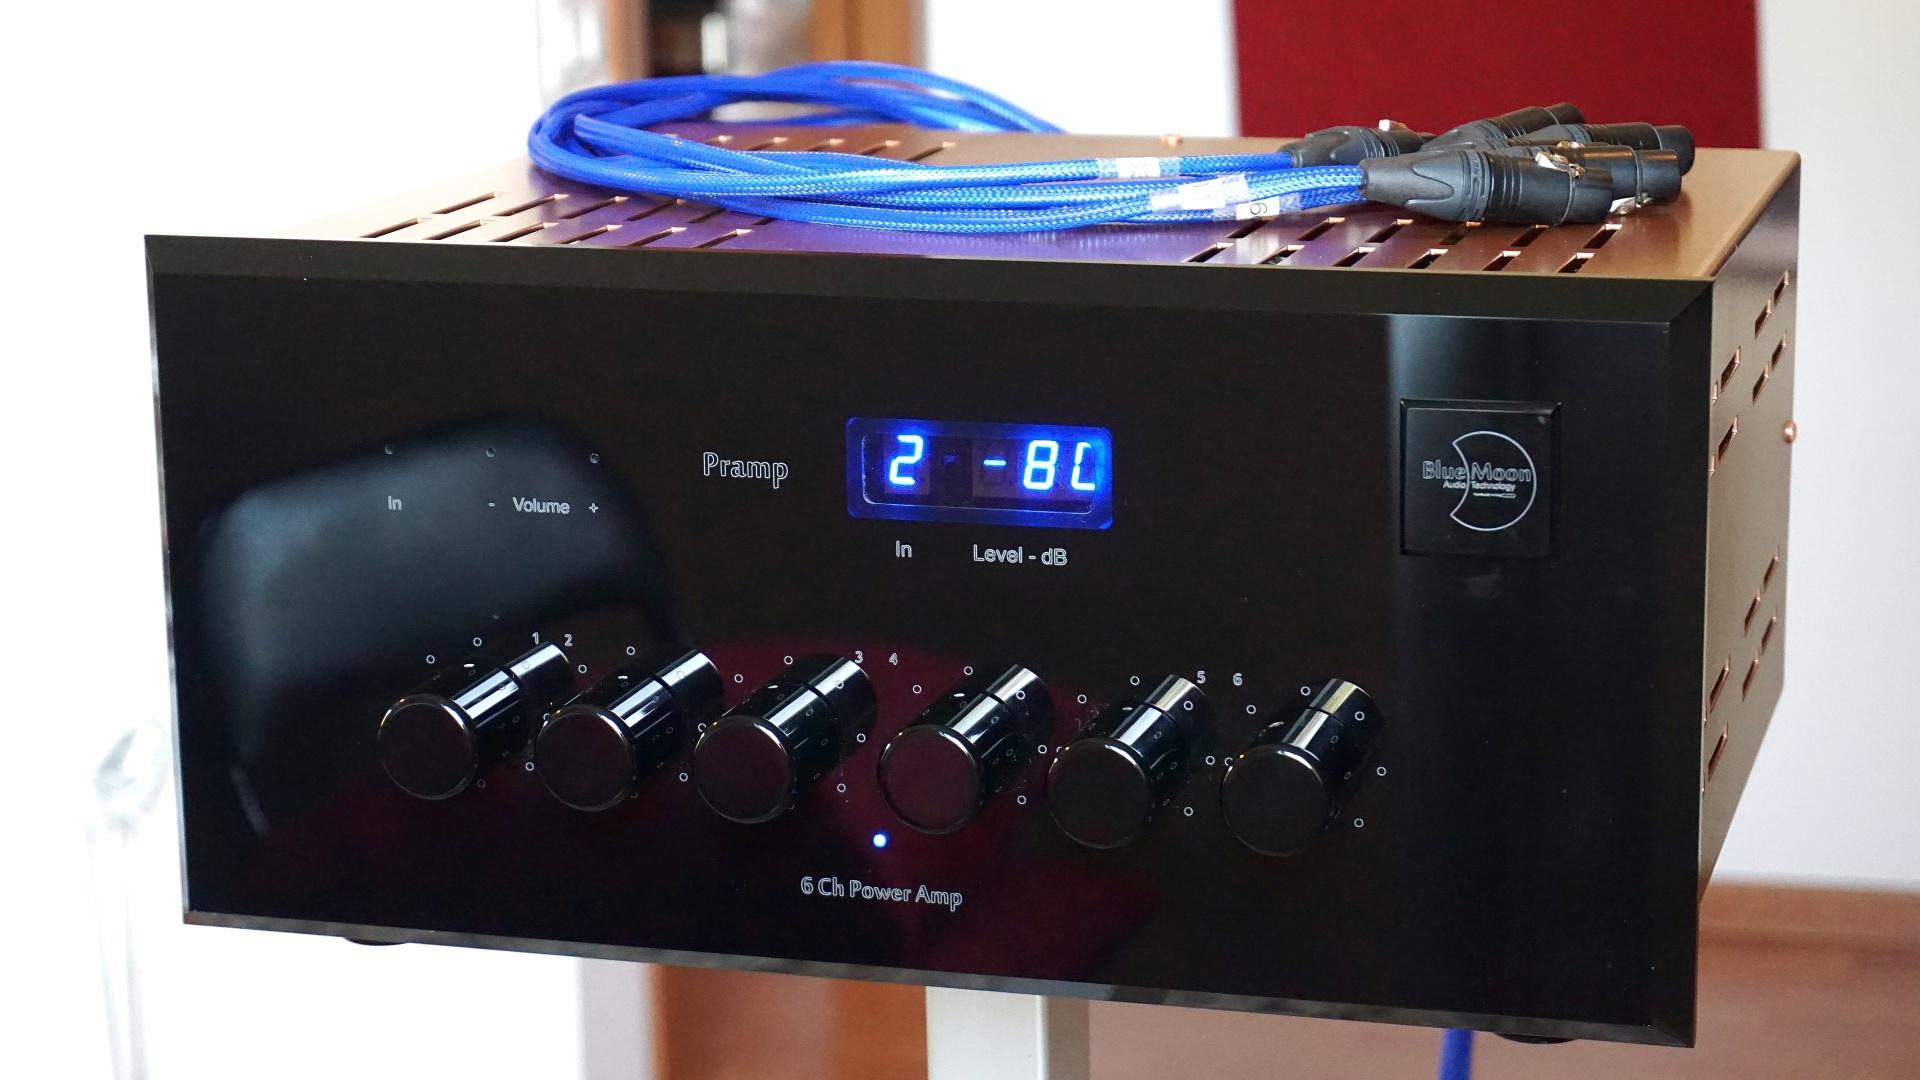 sps 6ck amp 2 Front DSC05181 1920x1080